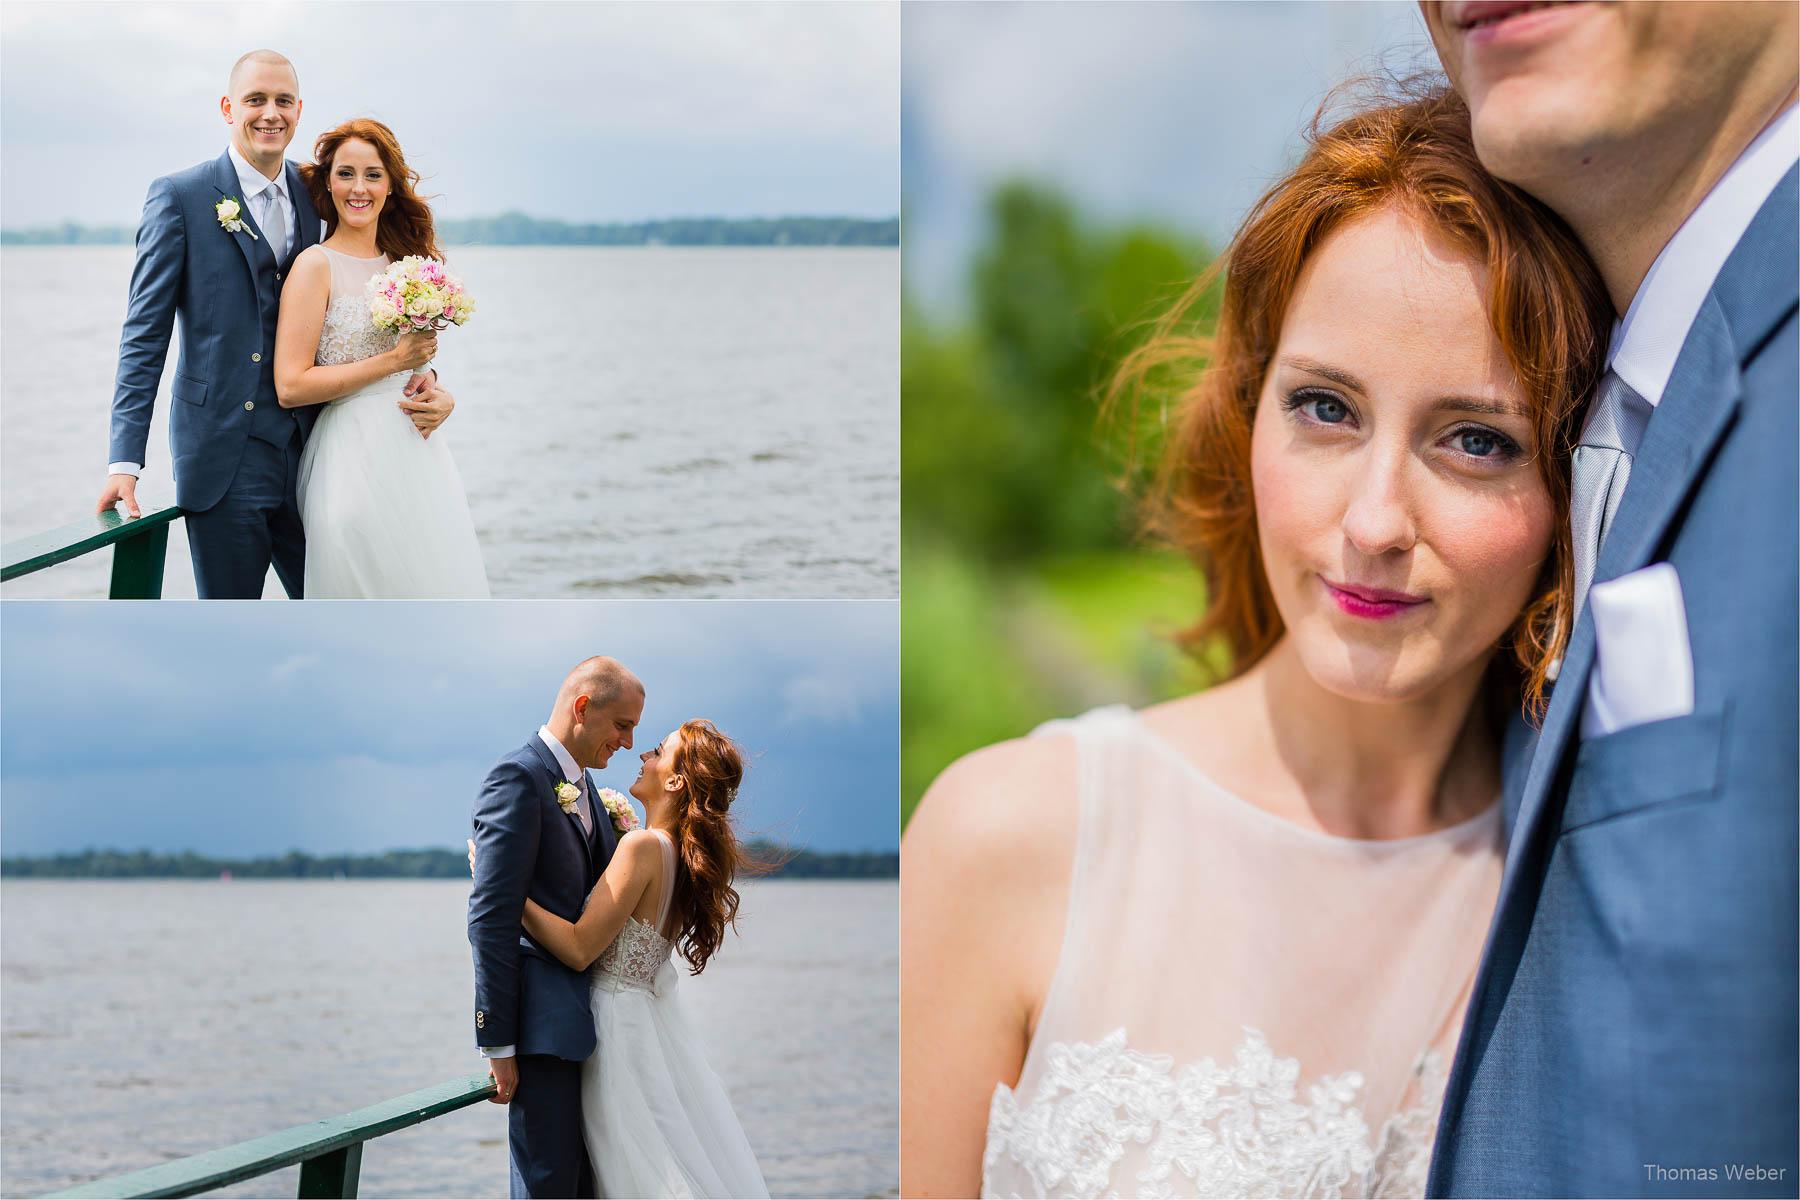 Hochzeitsfotos in Bad Zwischenahn, Hochzeitsfotograf Oldenburg, Thomas Weber